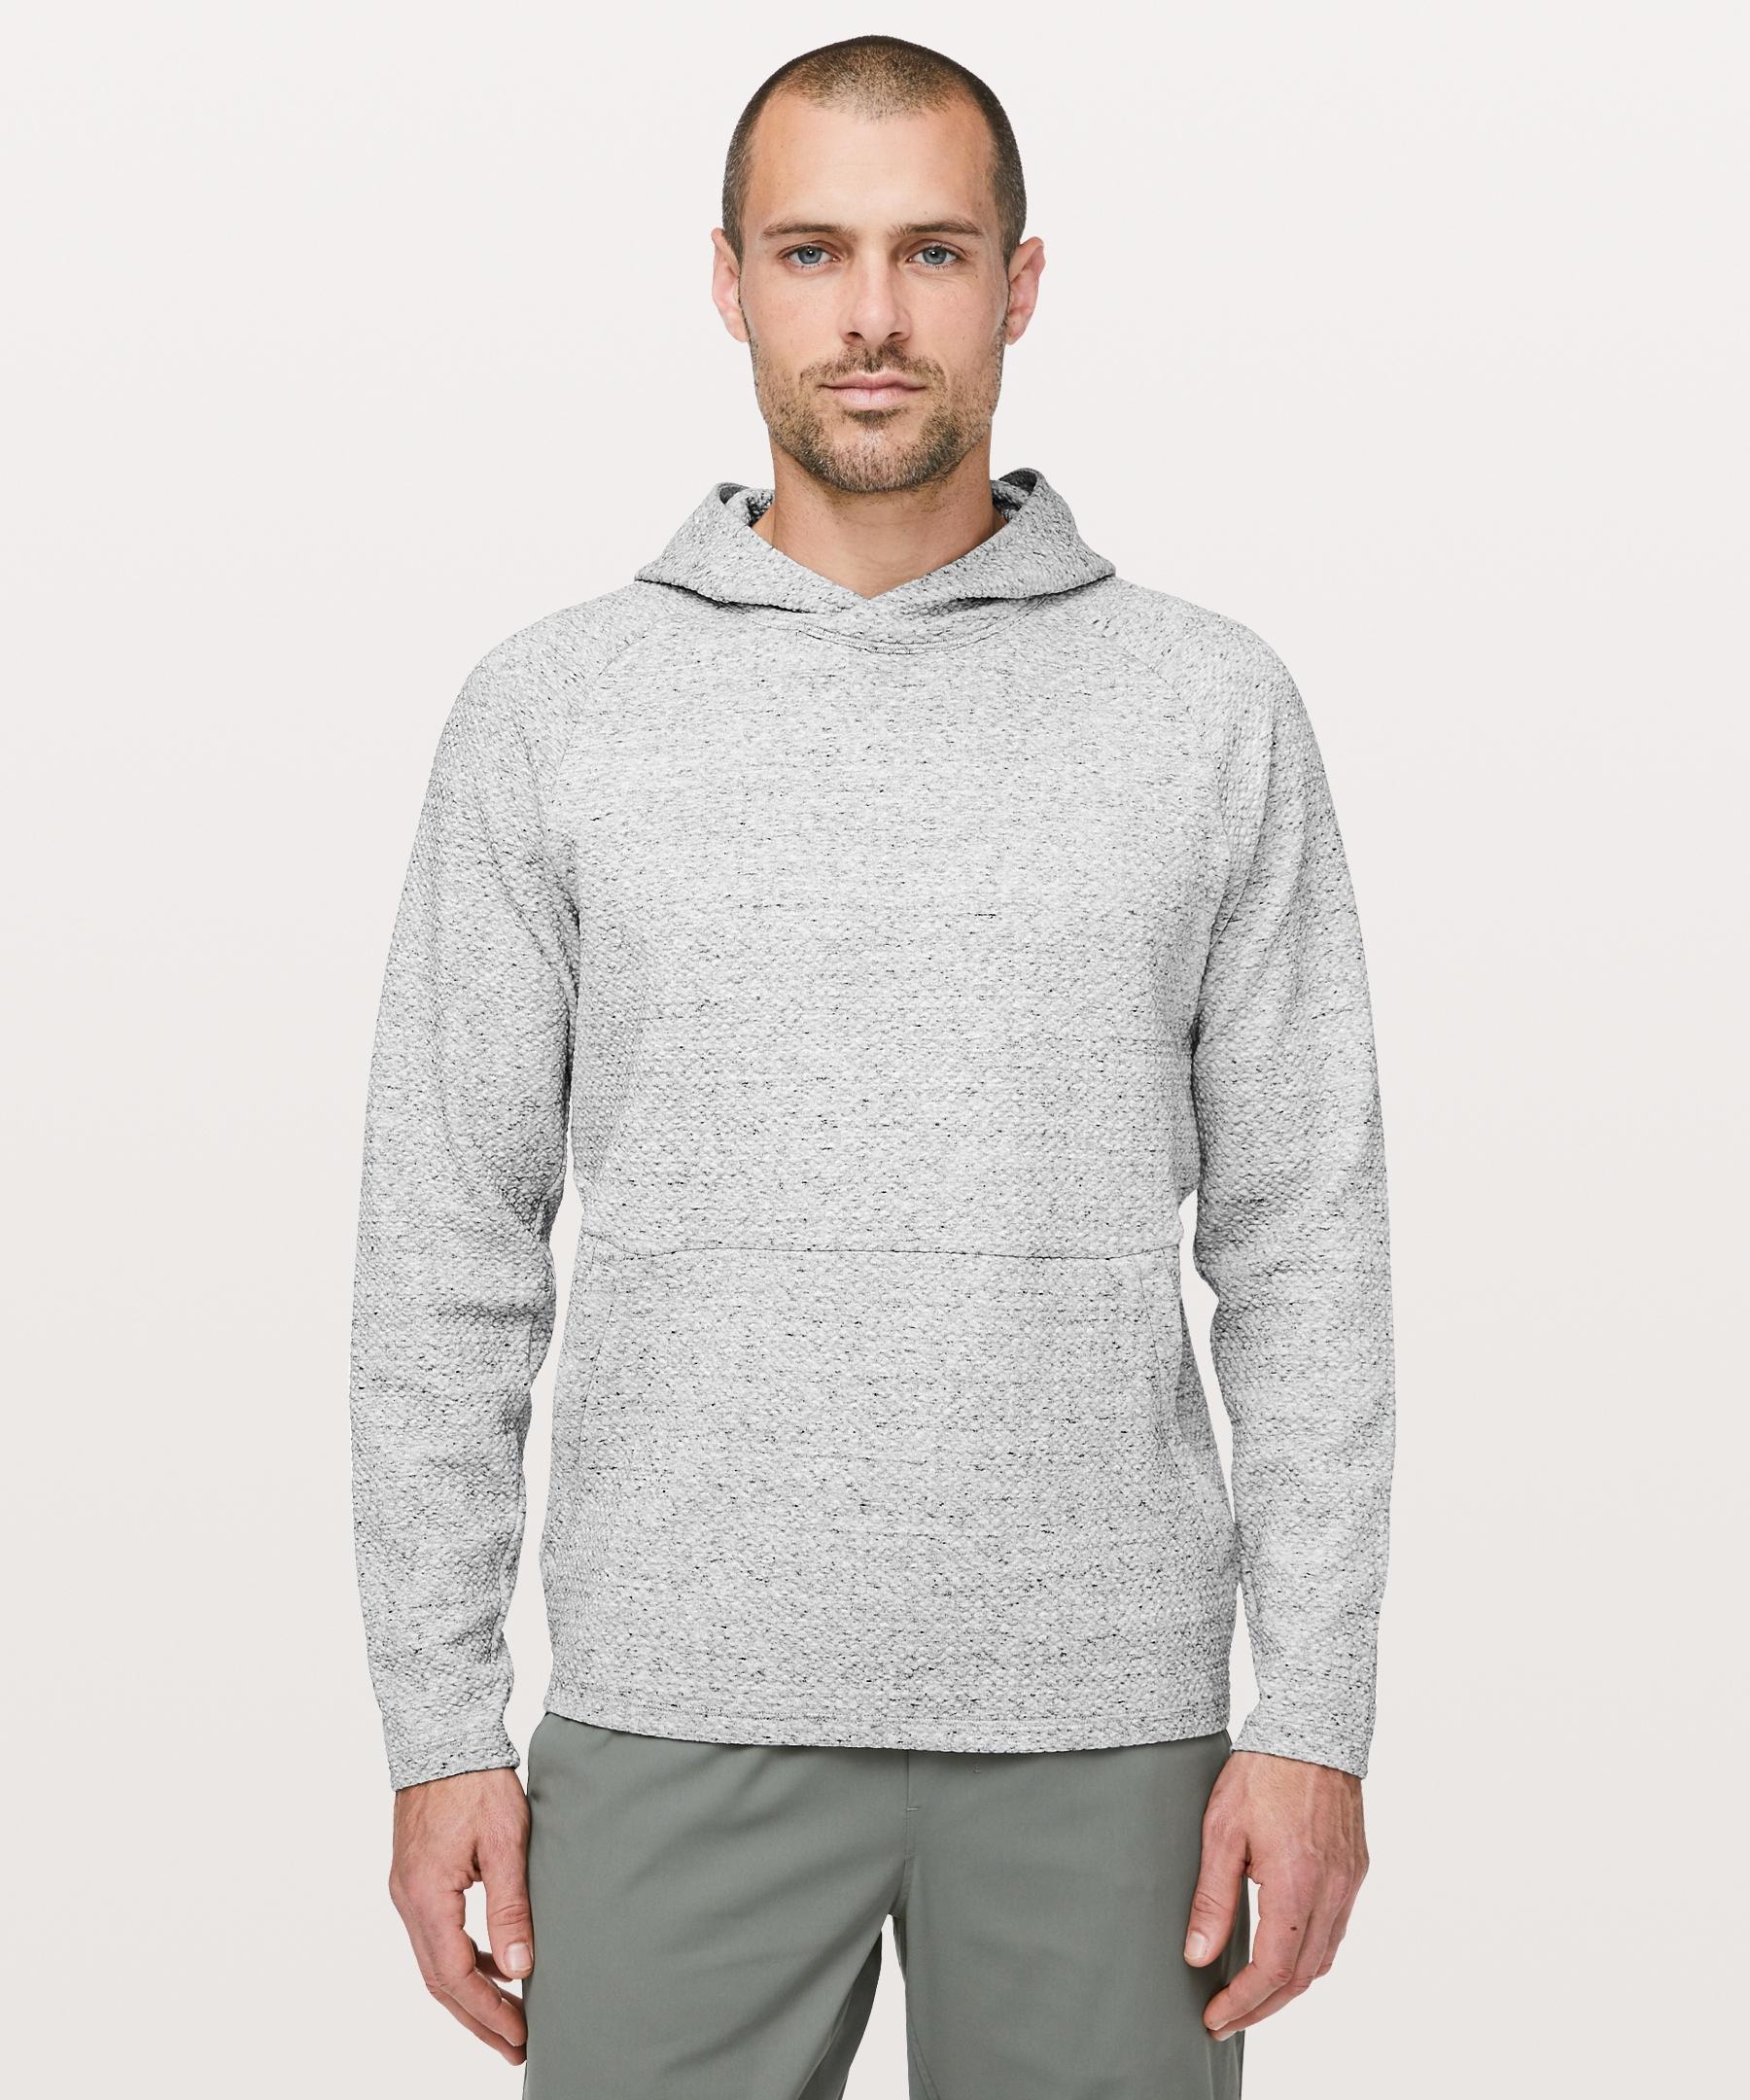 Lululemon Men S At Ease Hoodie Heathered Melody Light Grey Black Size Xs Hoodies Men Mens Sweatshirts Hoodie Hoodies